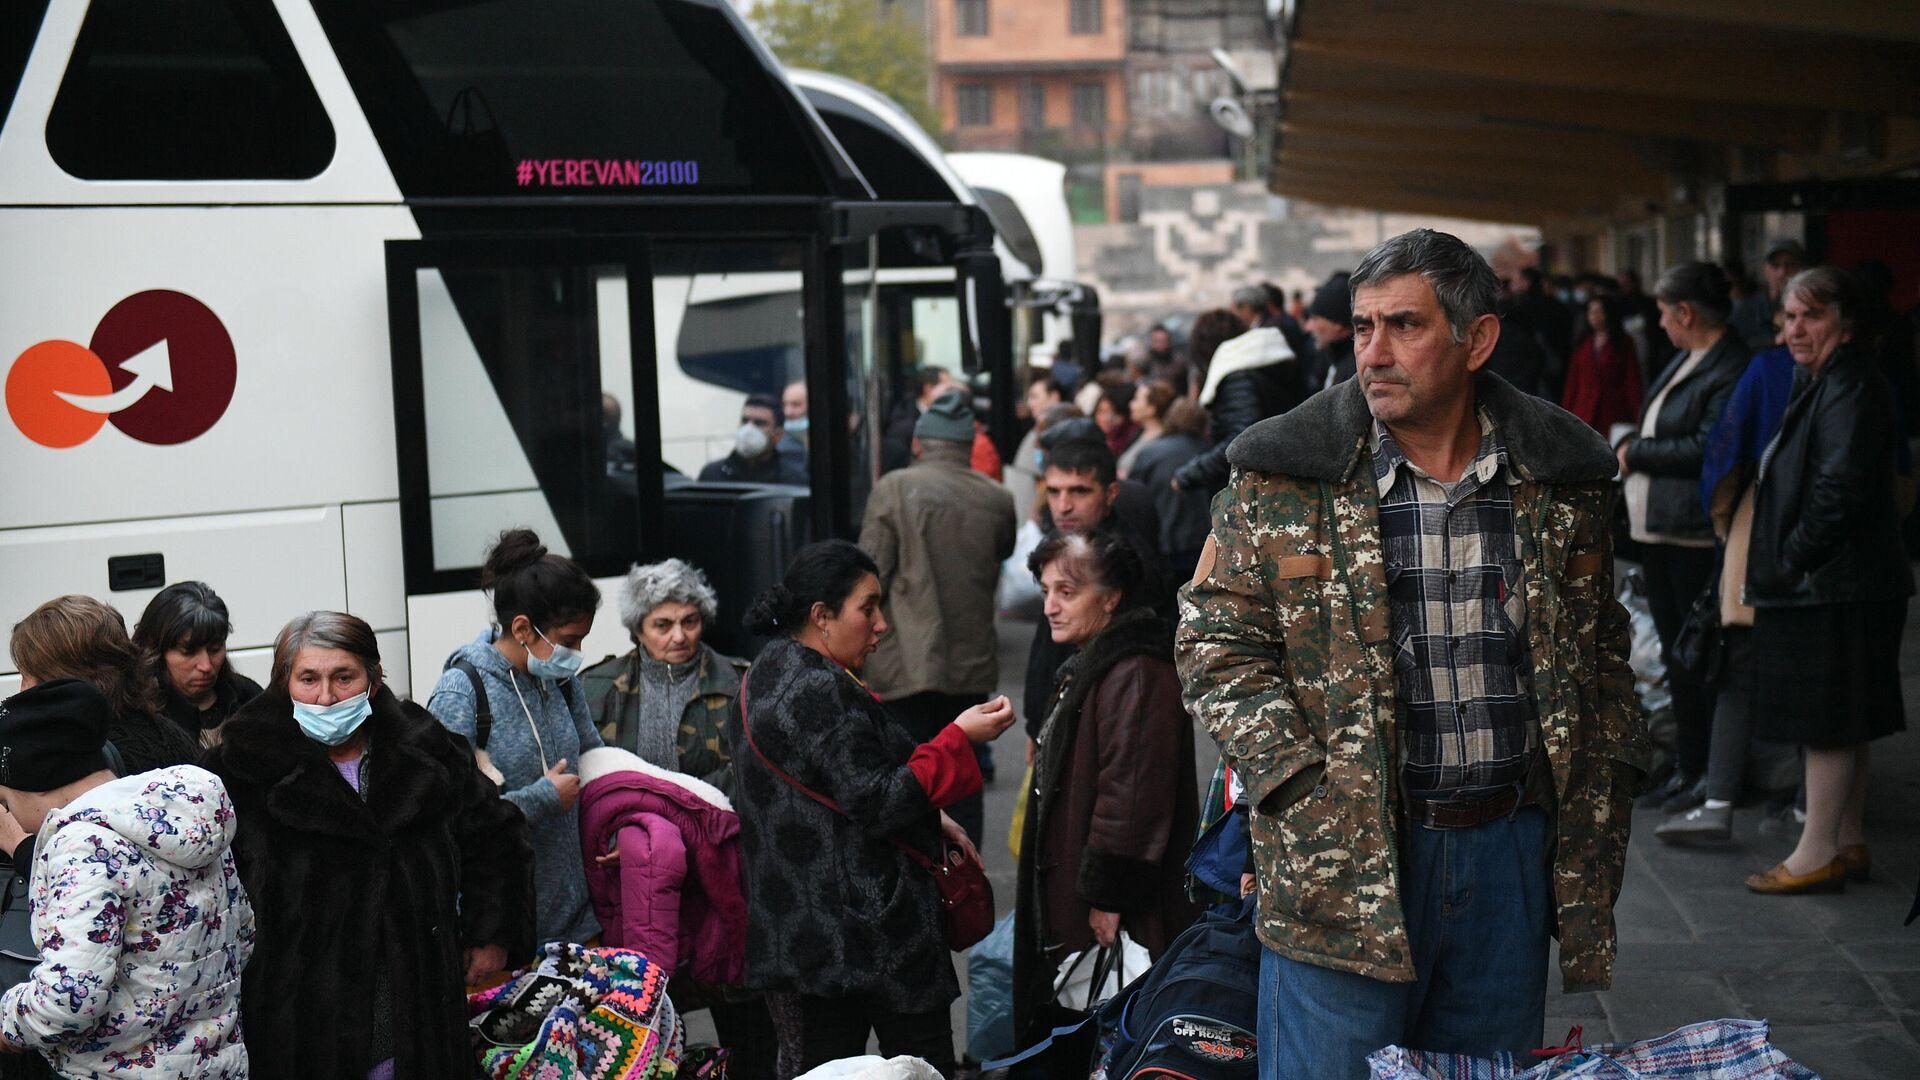 Беженцы из Нагорного Карабаха перед отправкой из Еревана домой в Степанакерт - РИА Новости, 1920, 18.11.2020